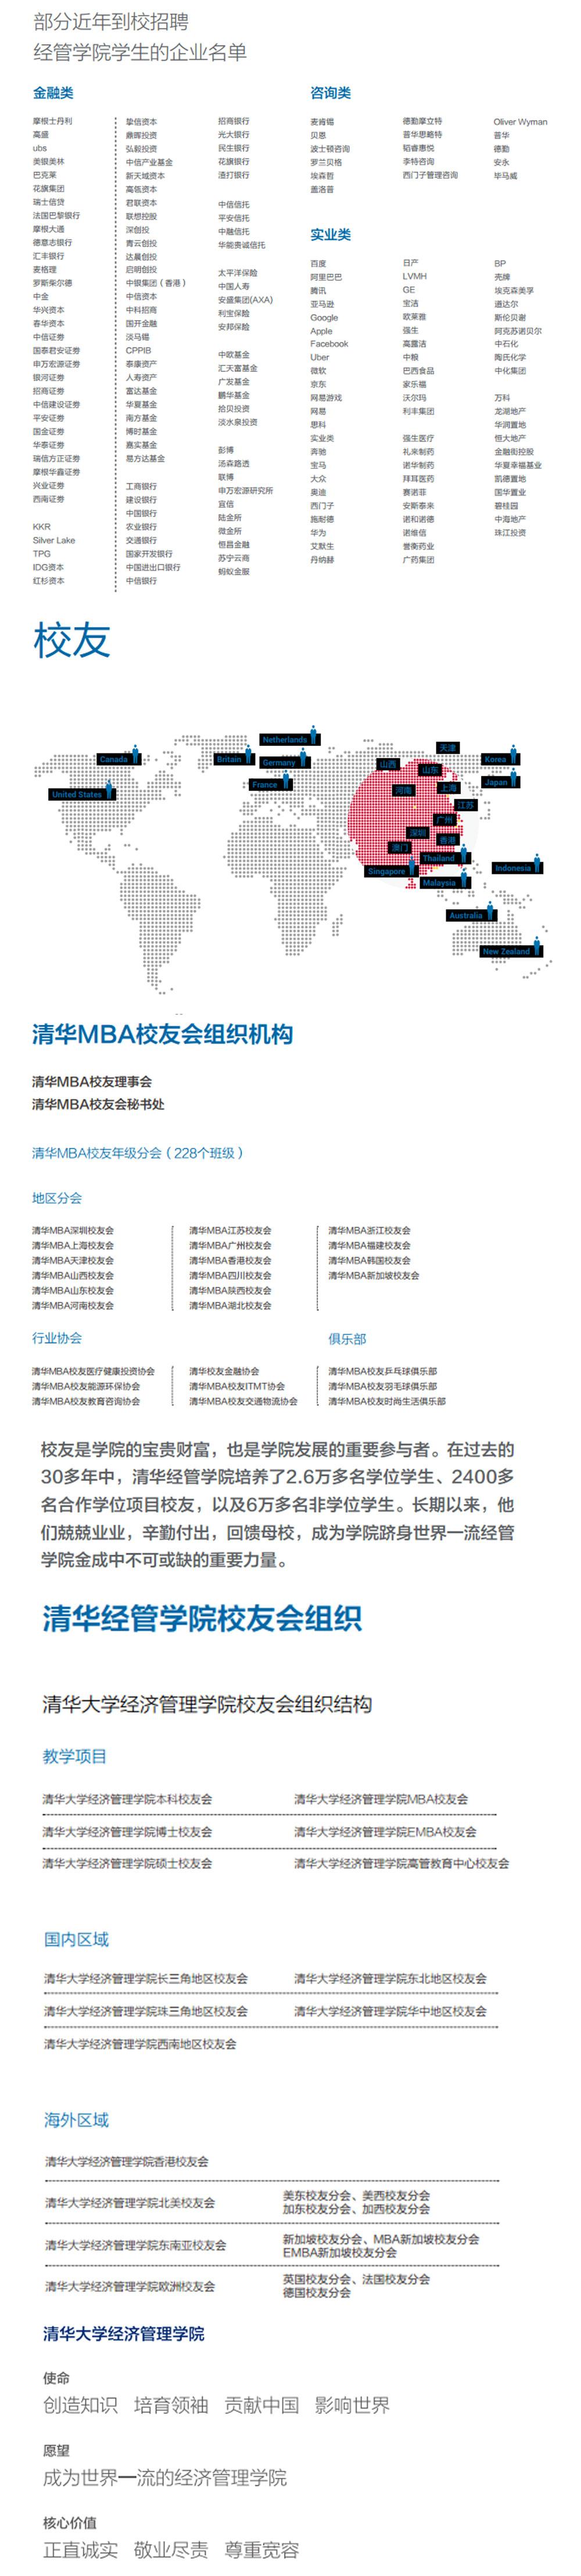 2020清华大学经济管理学院MBA工商管理硕士项目